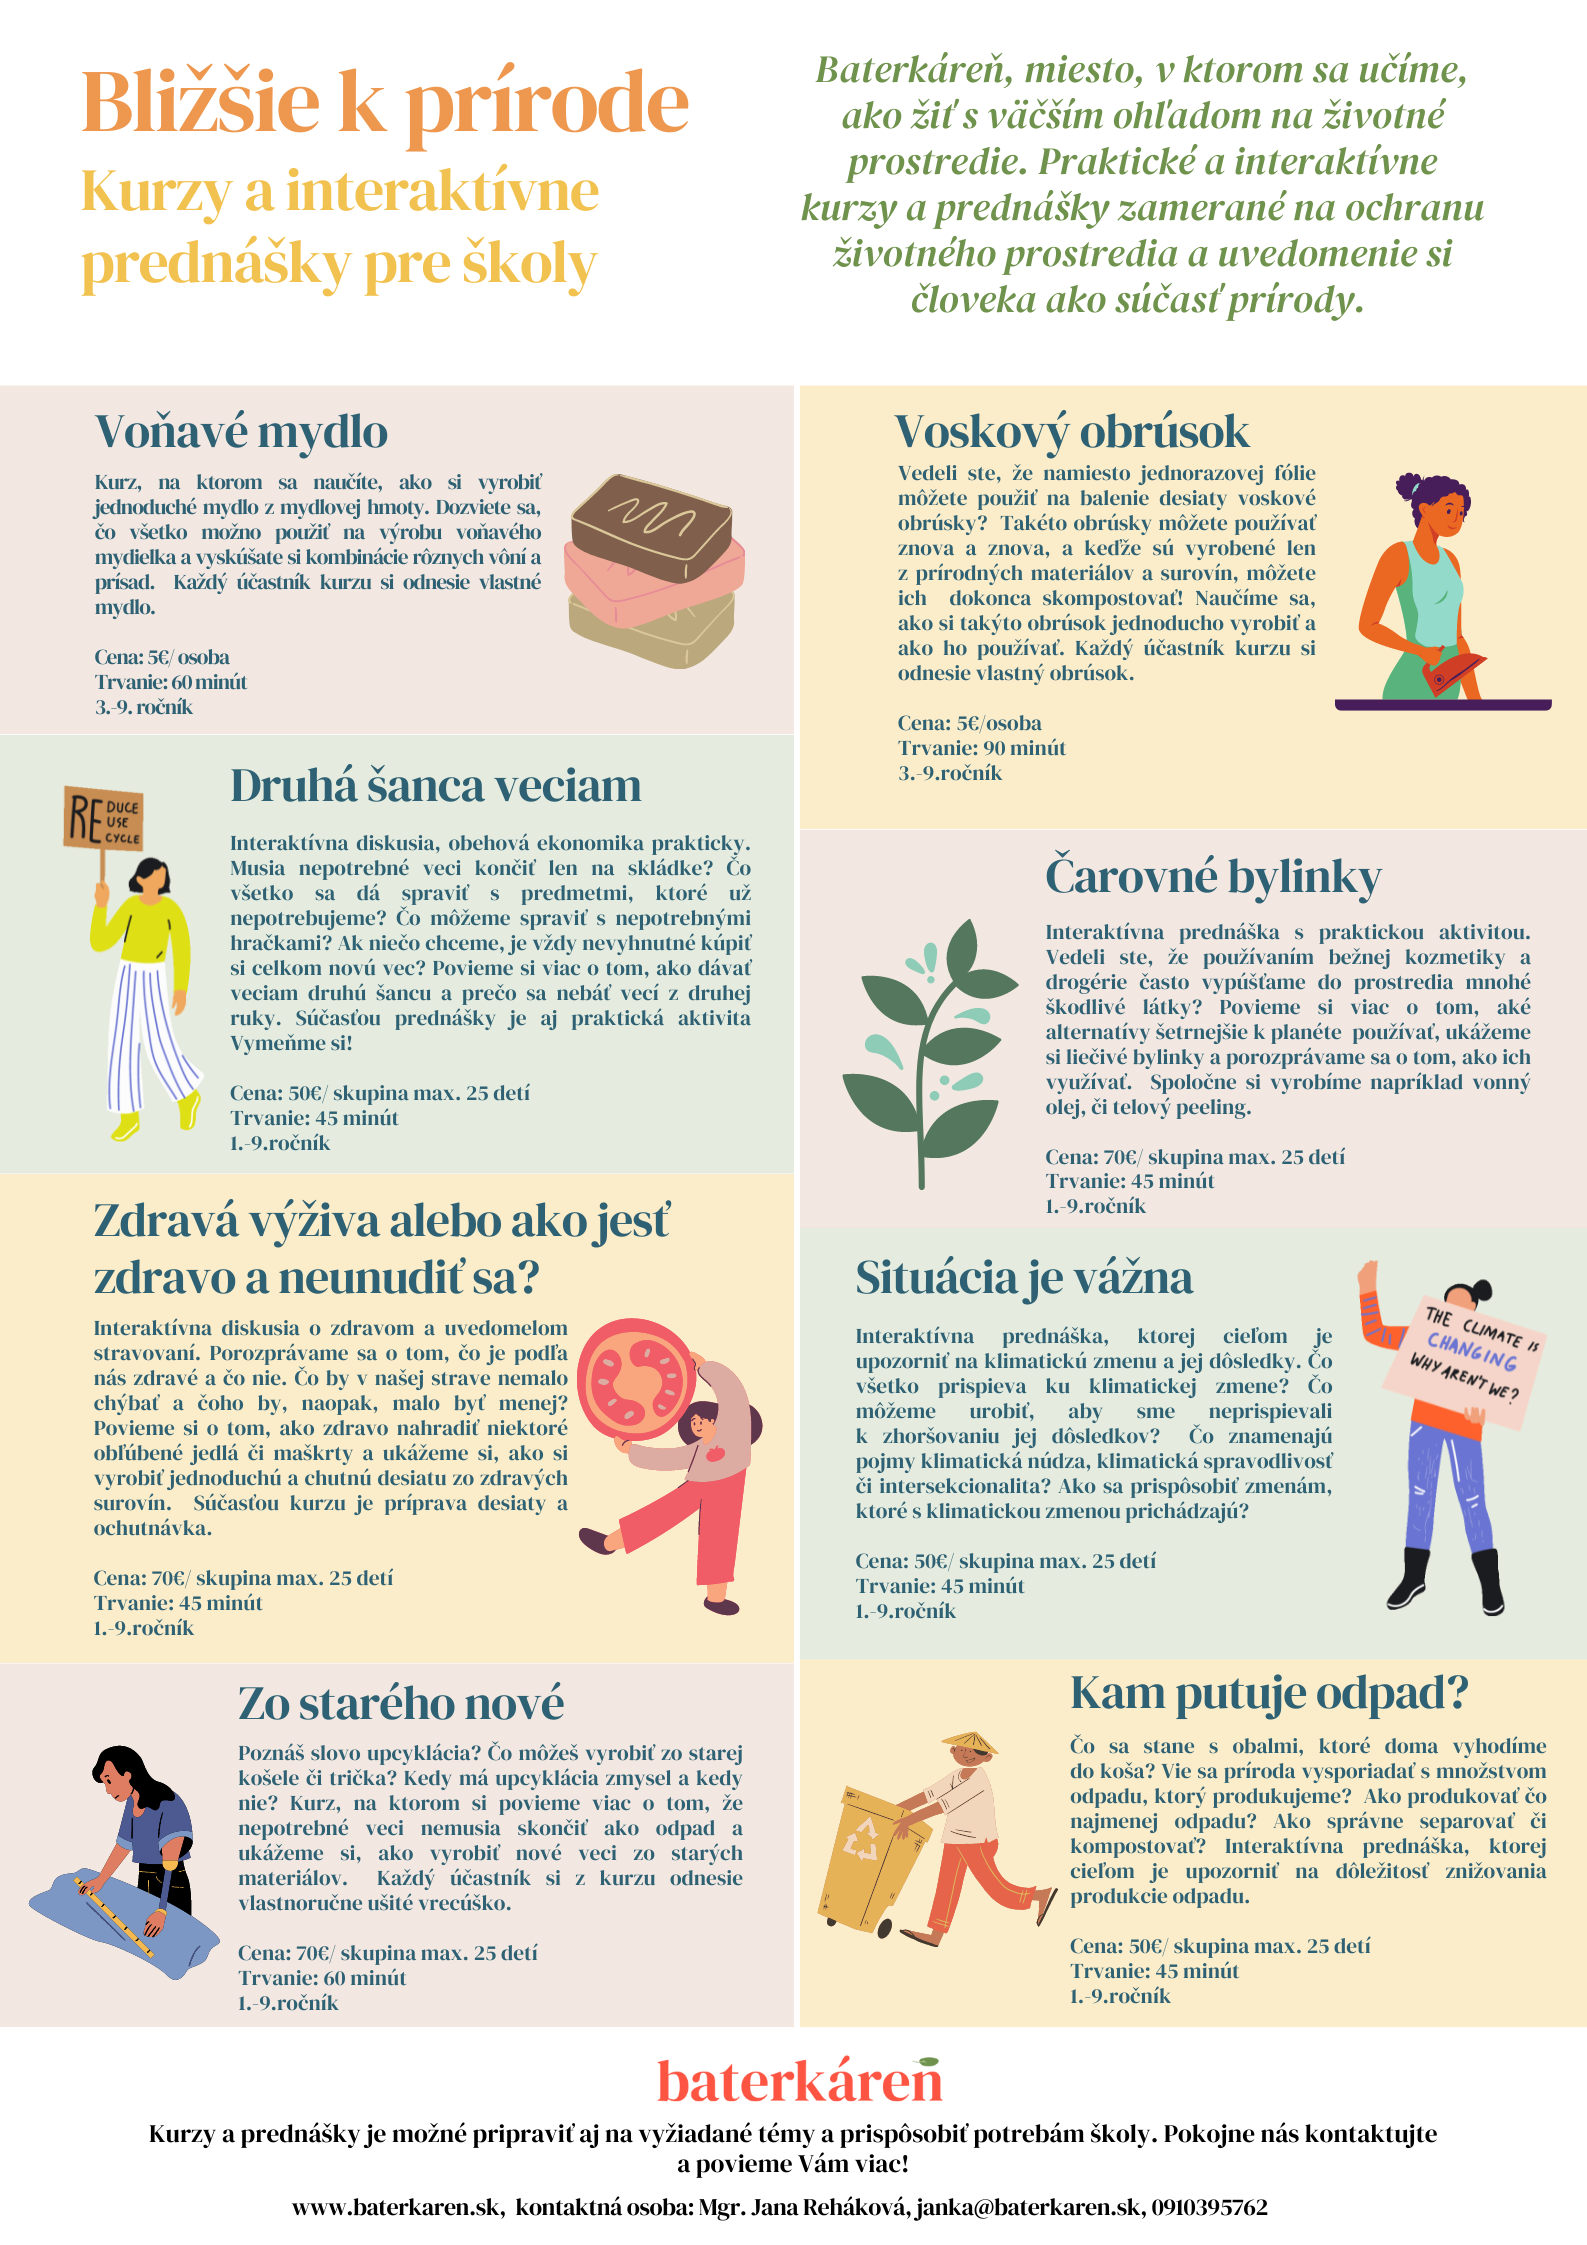 Prednášky a kurzy pre základné školy